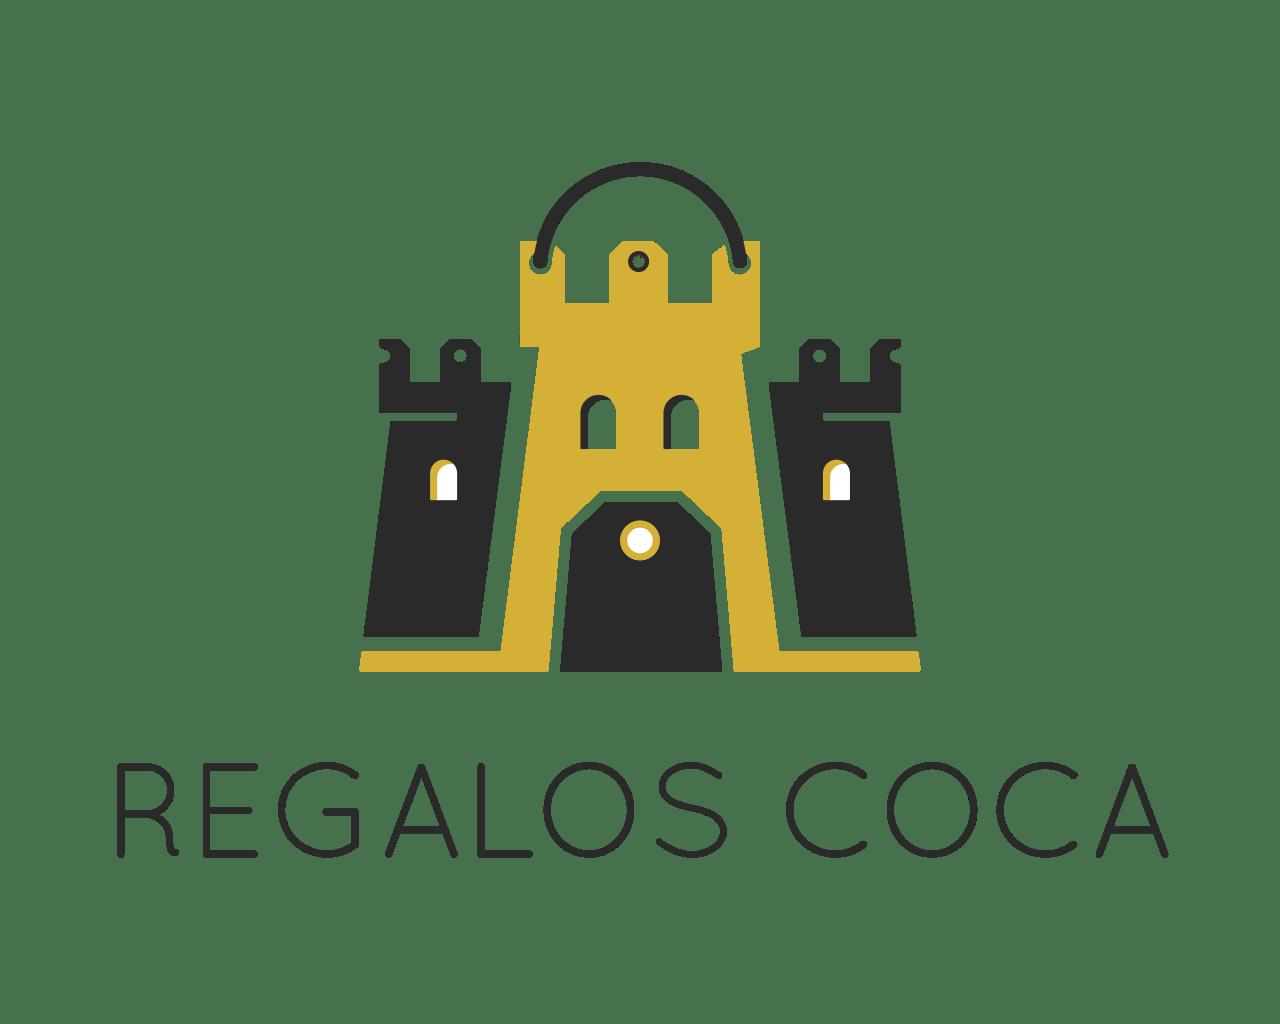 Tienda de regalos online Regalos Coca